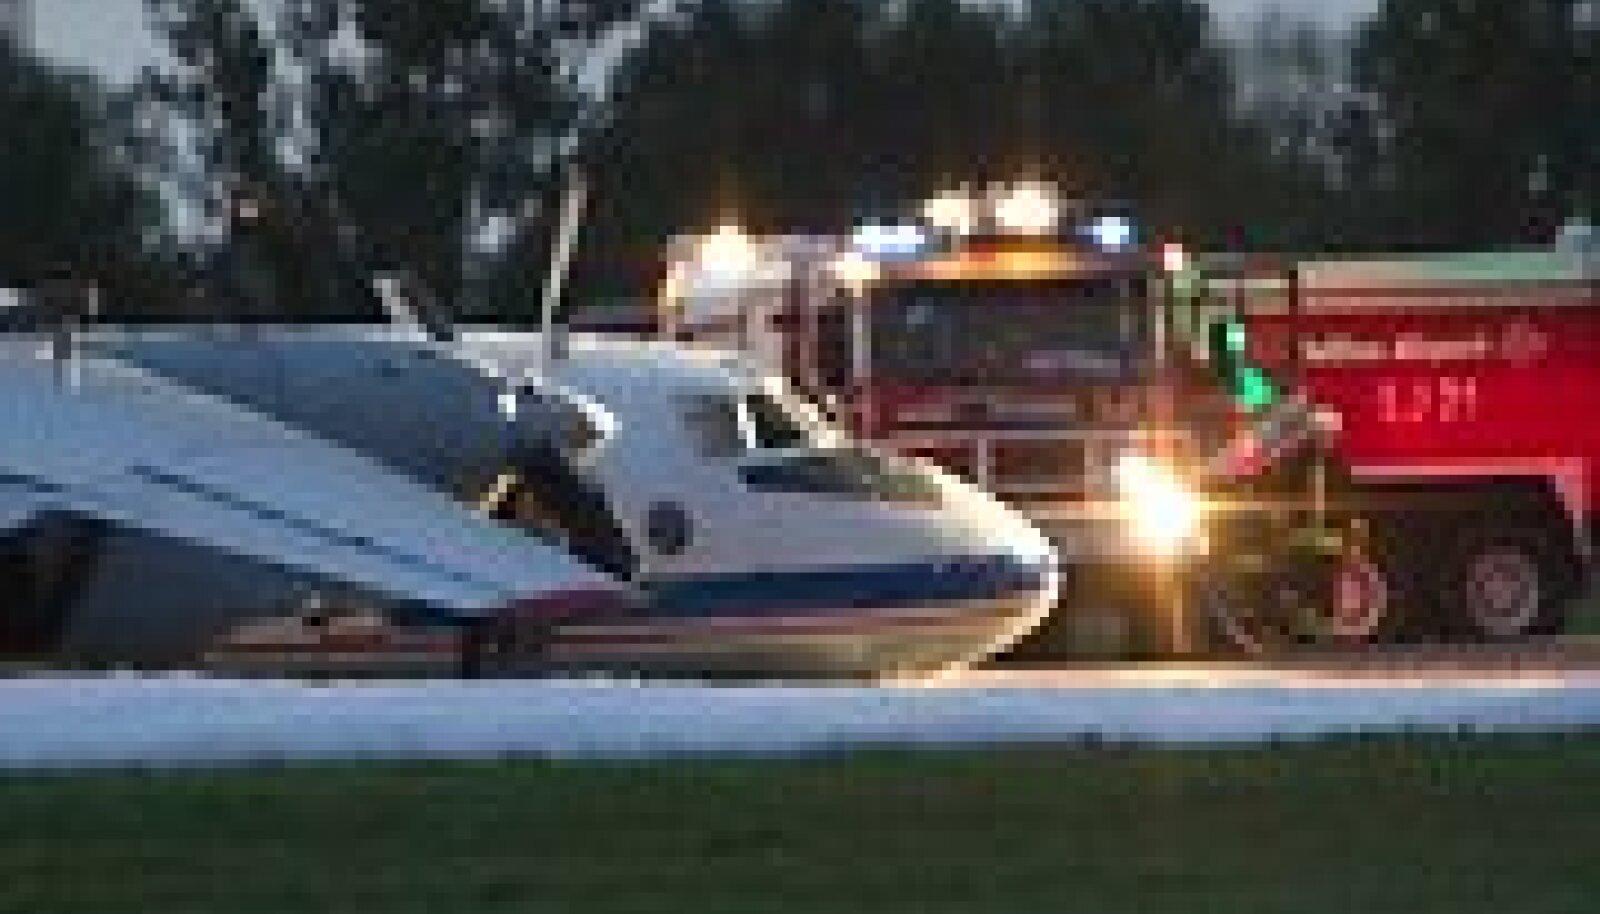 Lennuõnnetus Tallinna lennujaama maandumisrajal